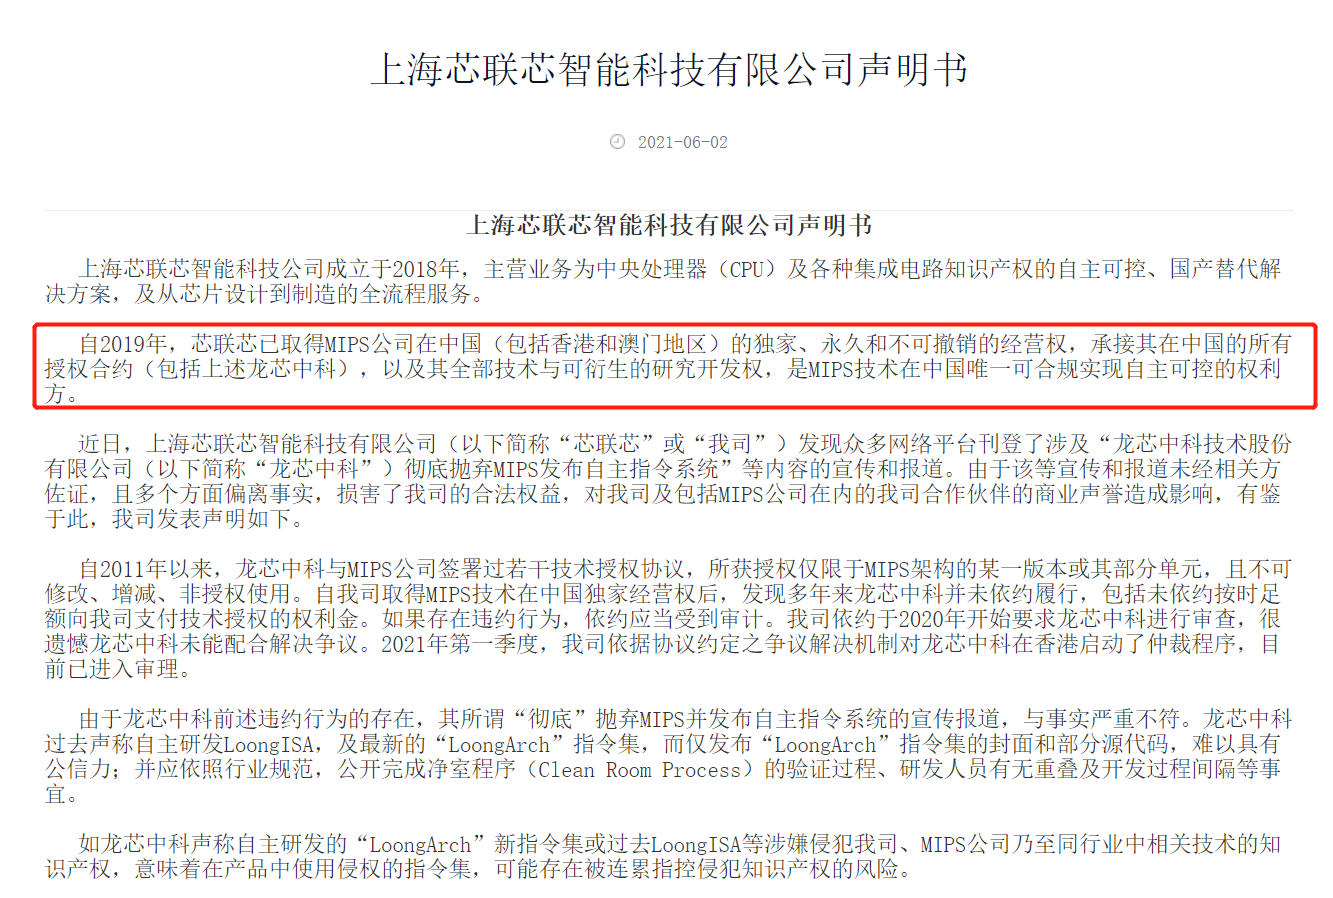 中国芯内讧?围绕着MIPS架构,龙芯与芯联芯掐架了